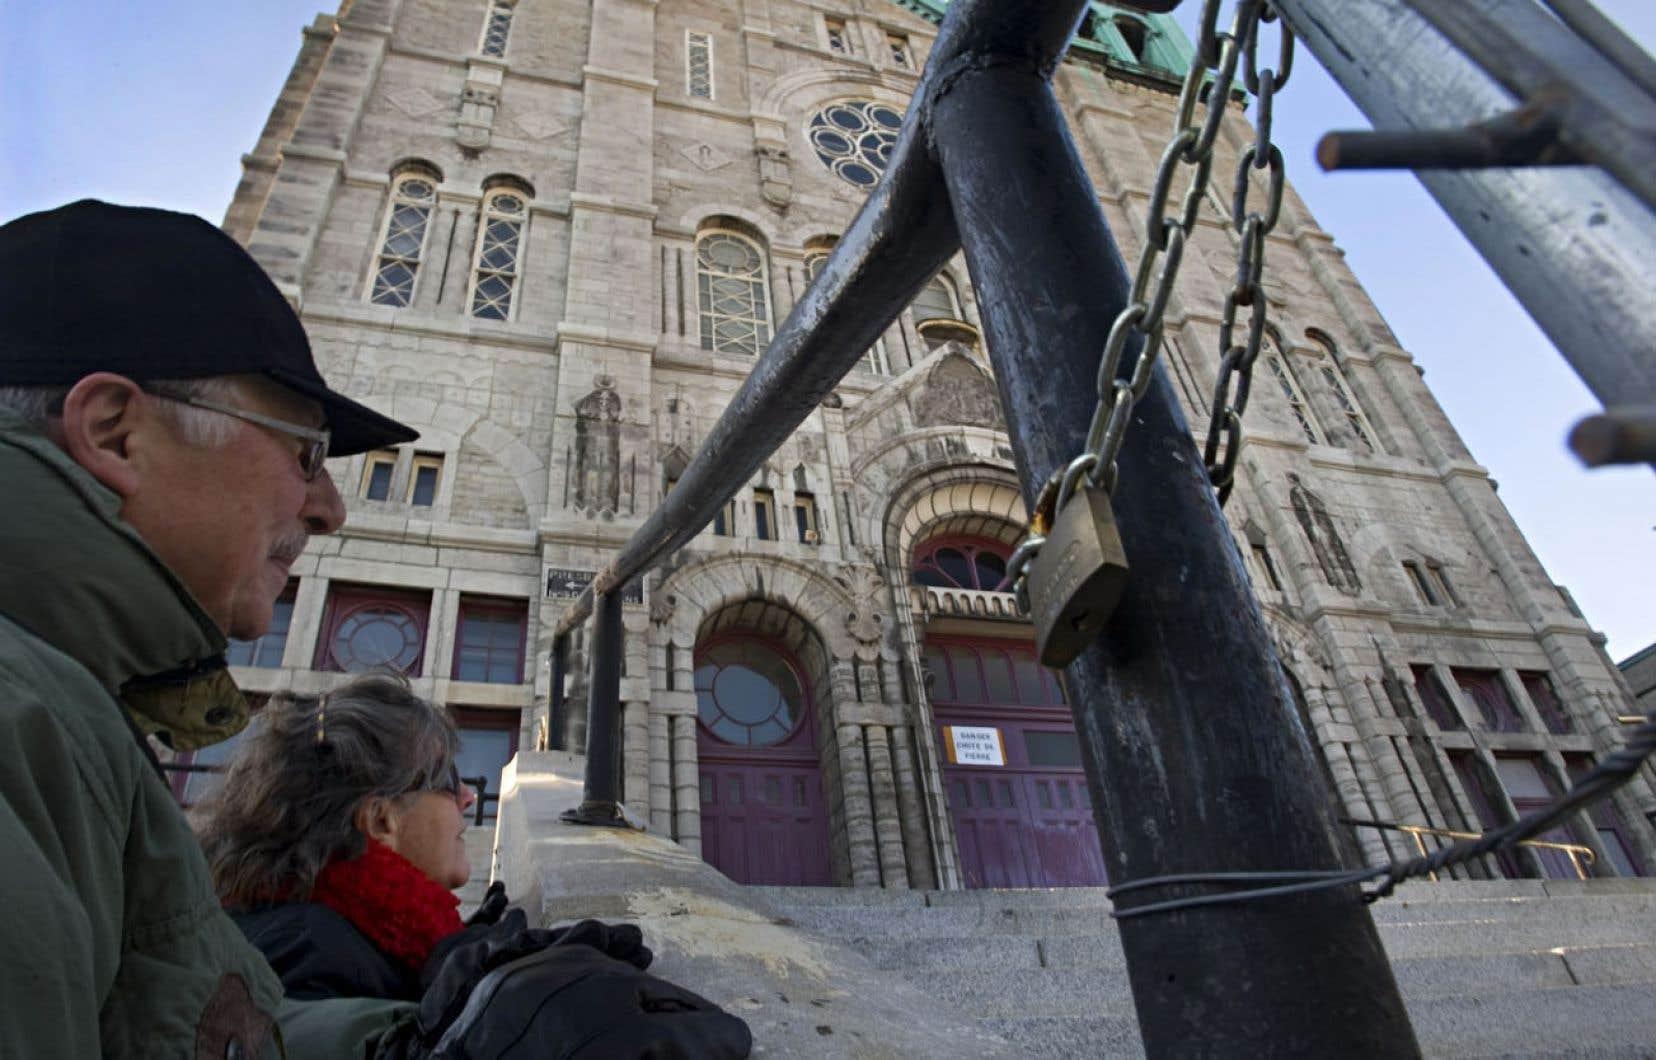 Malgré que six millions de Québécois s'identifient encore à la religion catholique, une baisse de la pratique religieuse au Québec a entraîné la fermeture de plusieurs églises, comme l'église du Très-Saint-Nom-de-Jésus dans Hochelaga-Maisonneuve, à Montréal, en 2009.